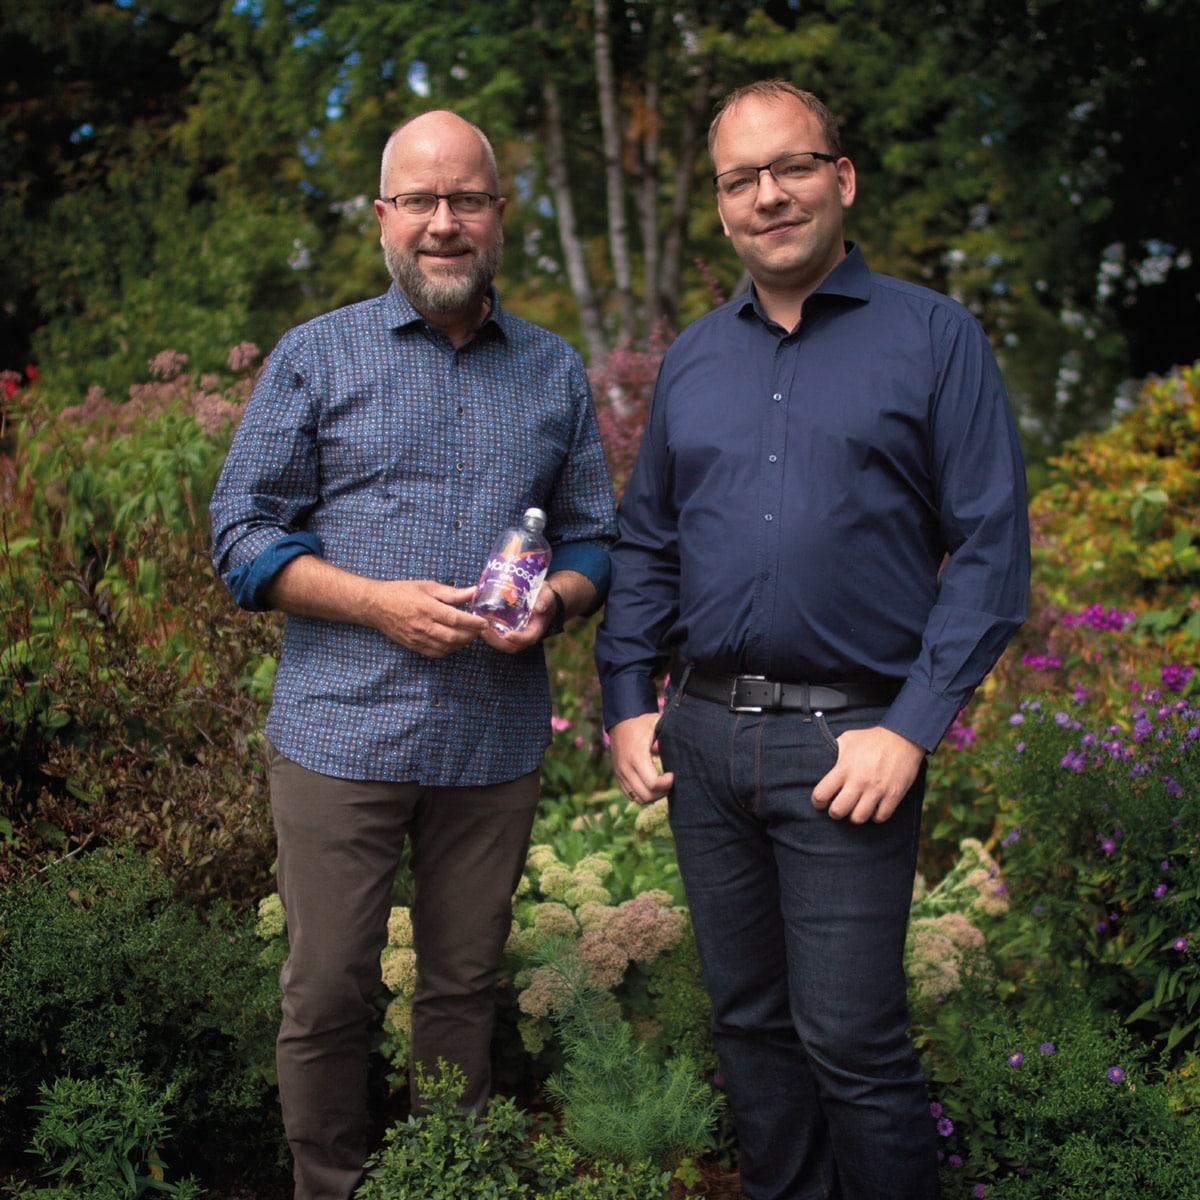 Sven Kassel und Fabian Simon, Gründer des Mariposa Gins